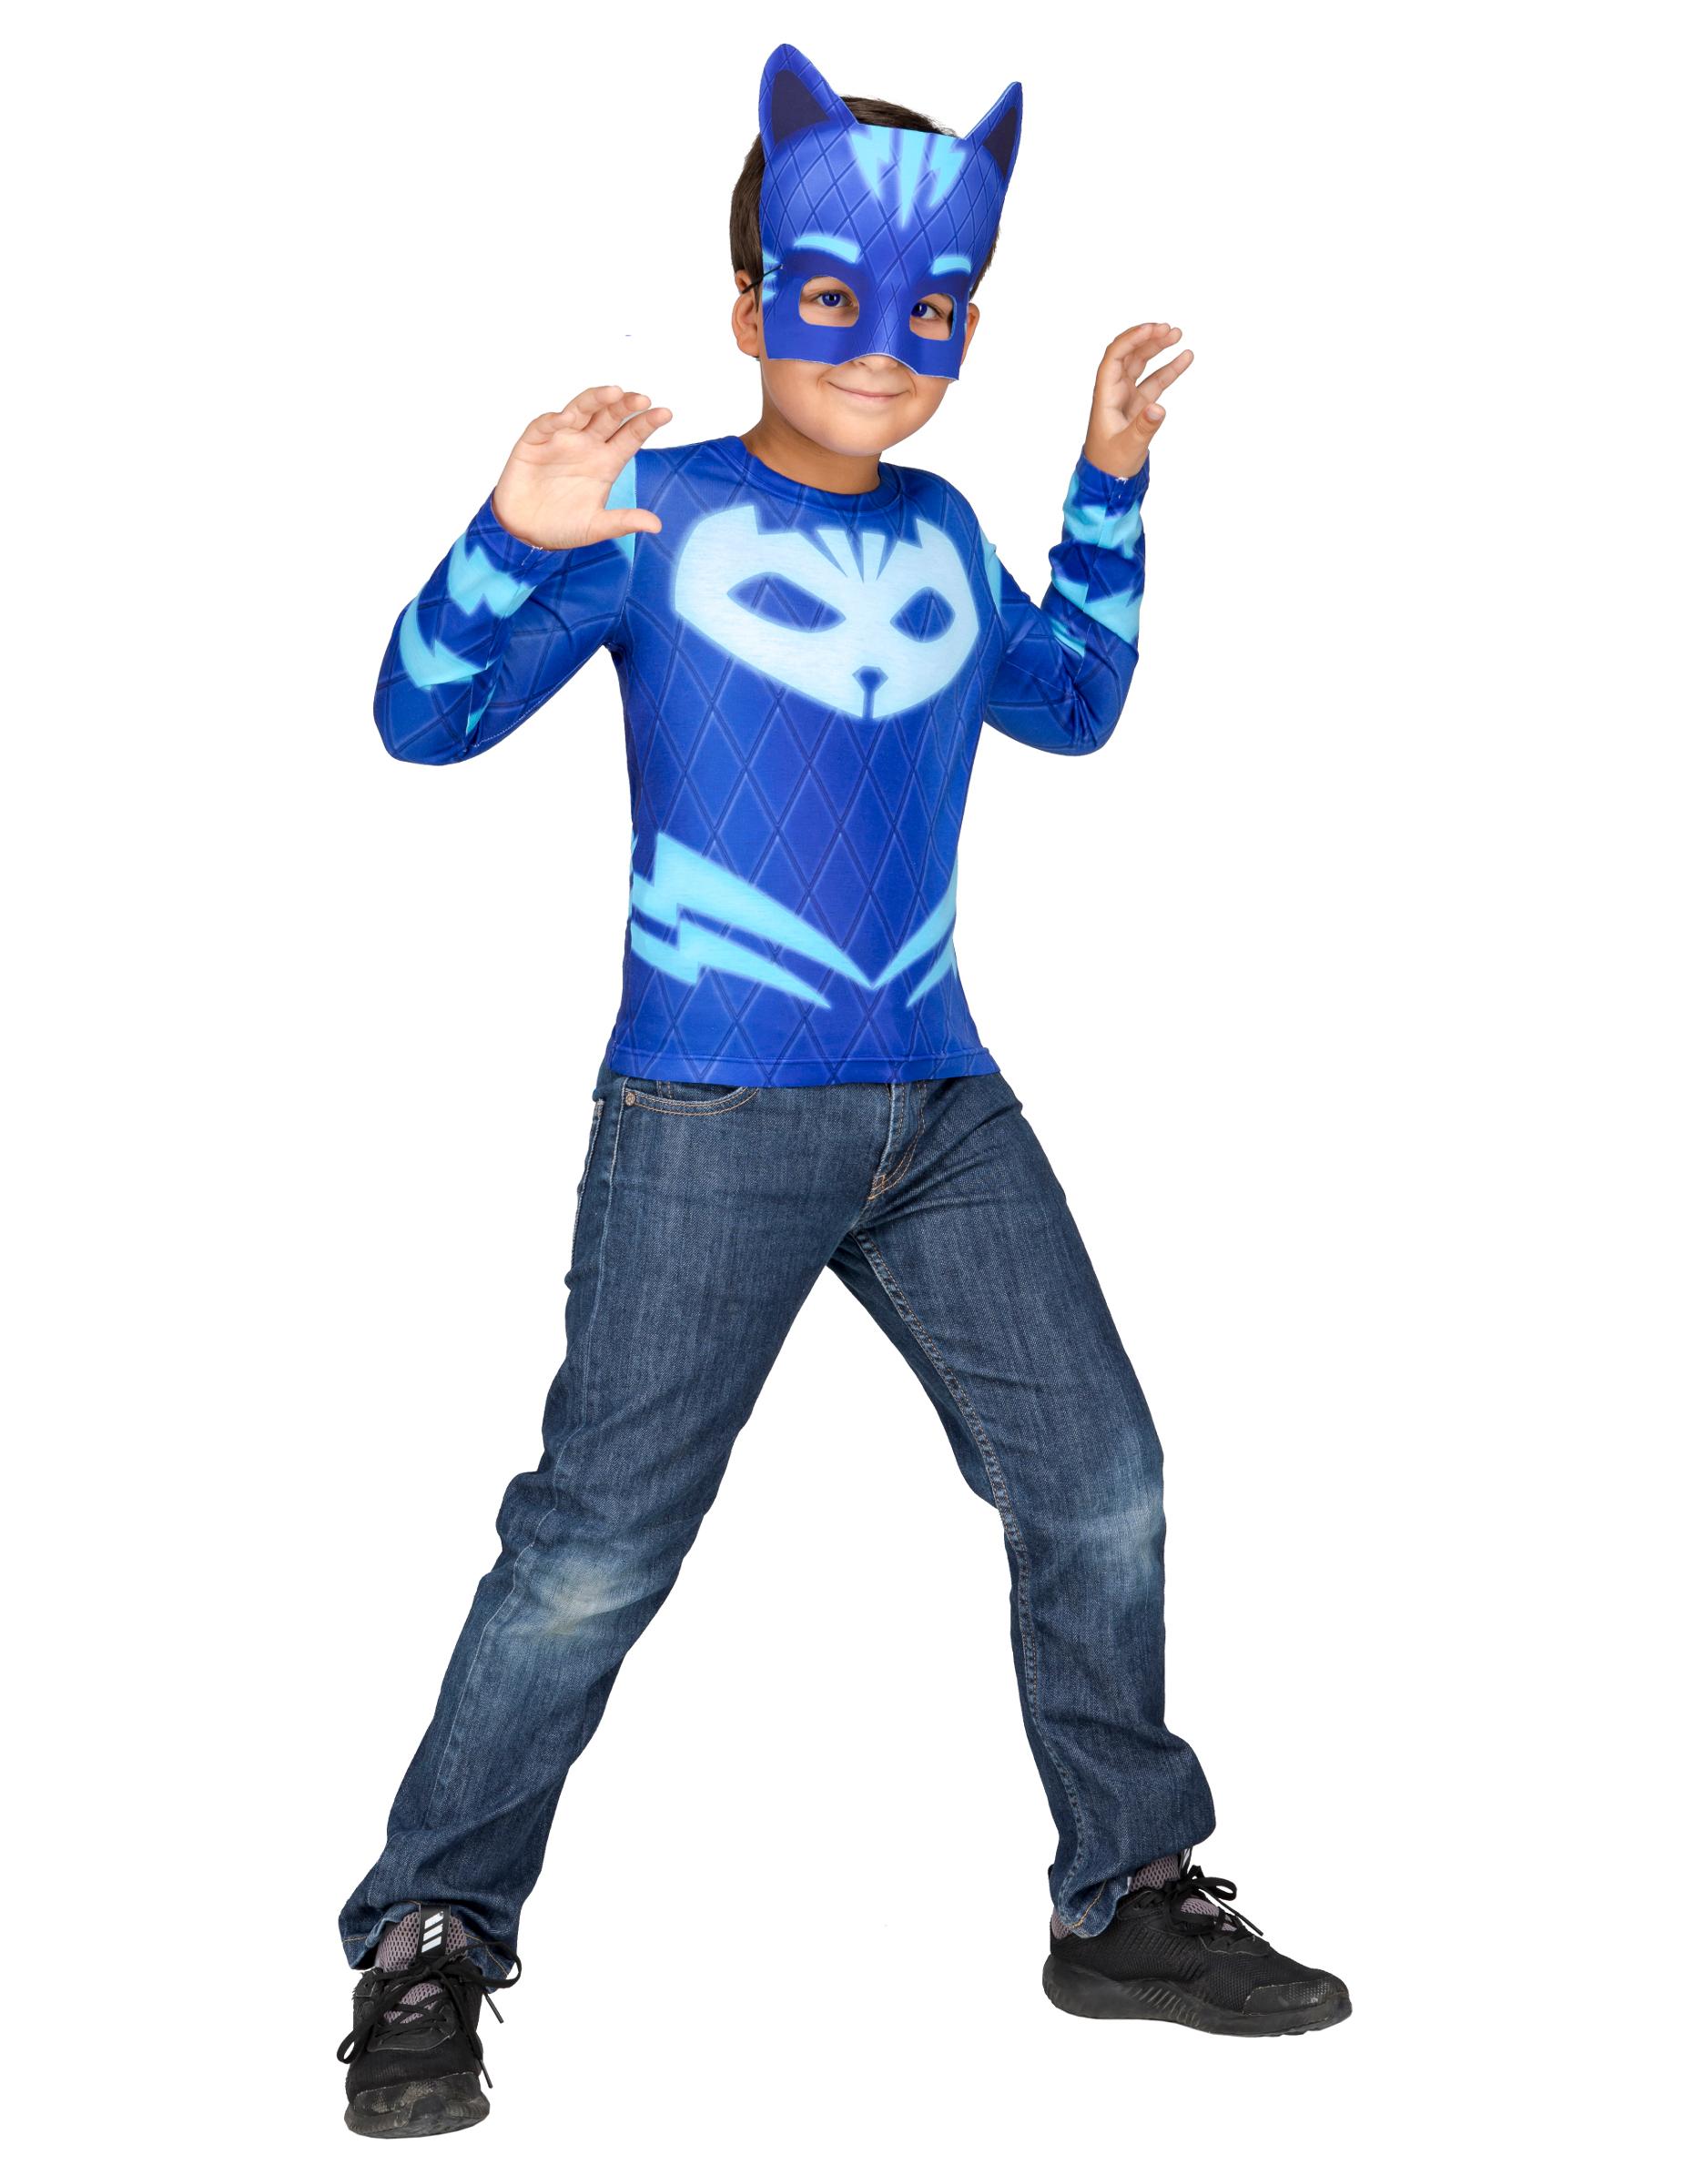 d guisement yoyo catboy pyjamasques enfant deguise toi achat de d guisements enfants. Black Bedroom Furniture Sets. Home Design Ideas